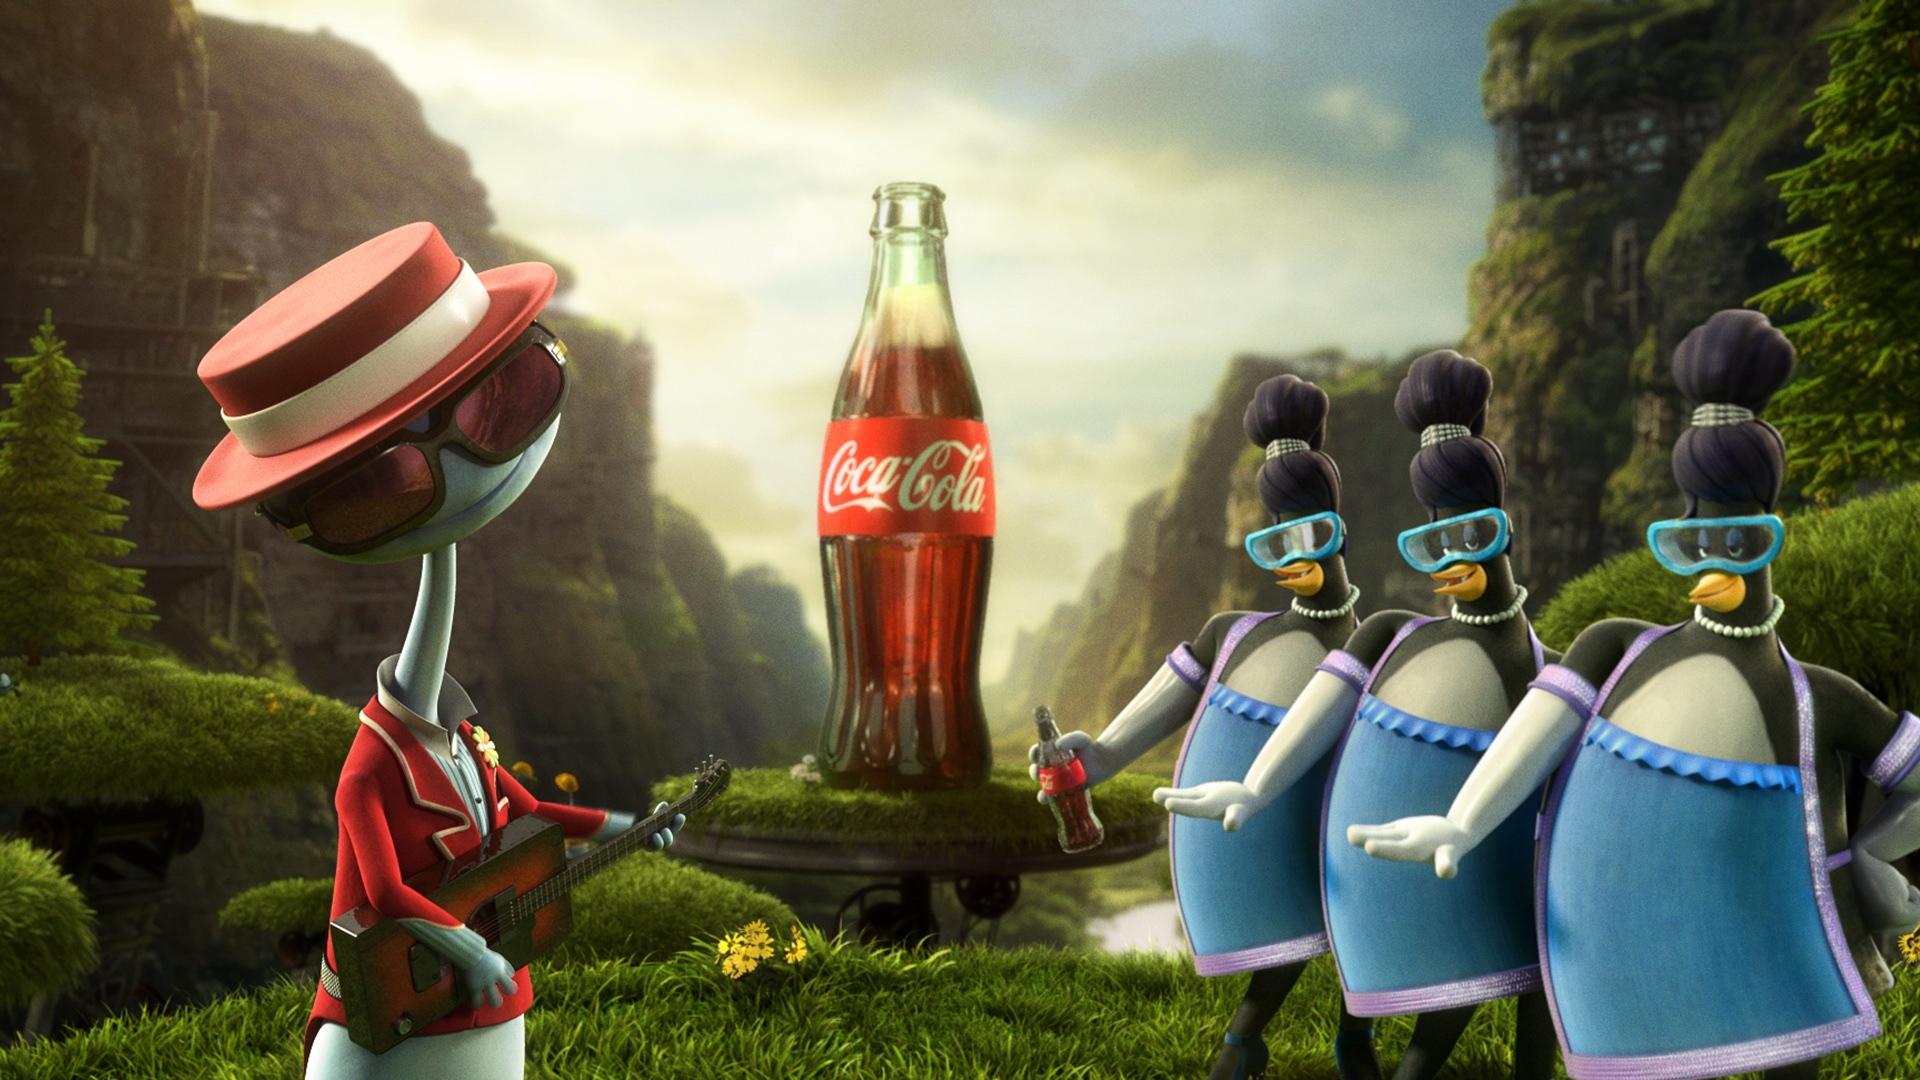 3d Glass Full Hd Wallpaper Download Wallpaper 1920x1080 Coca Cola Images Drink